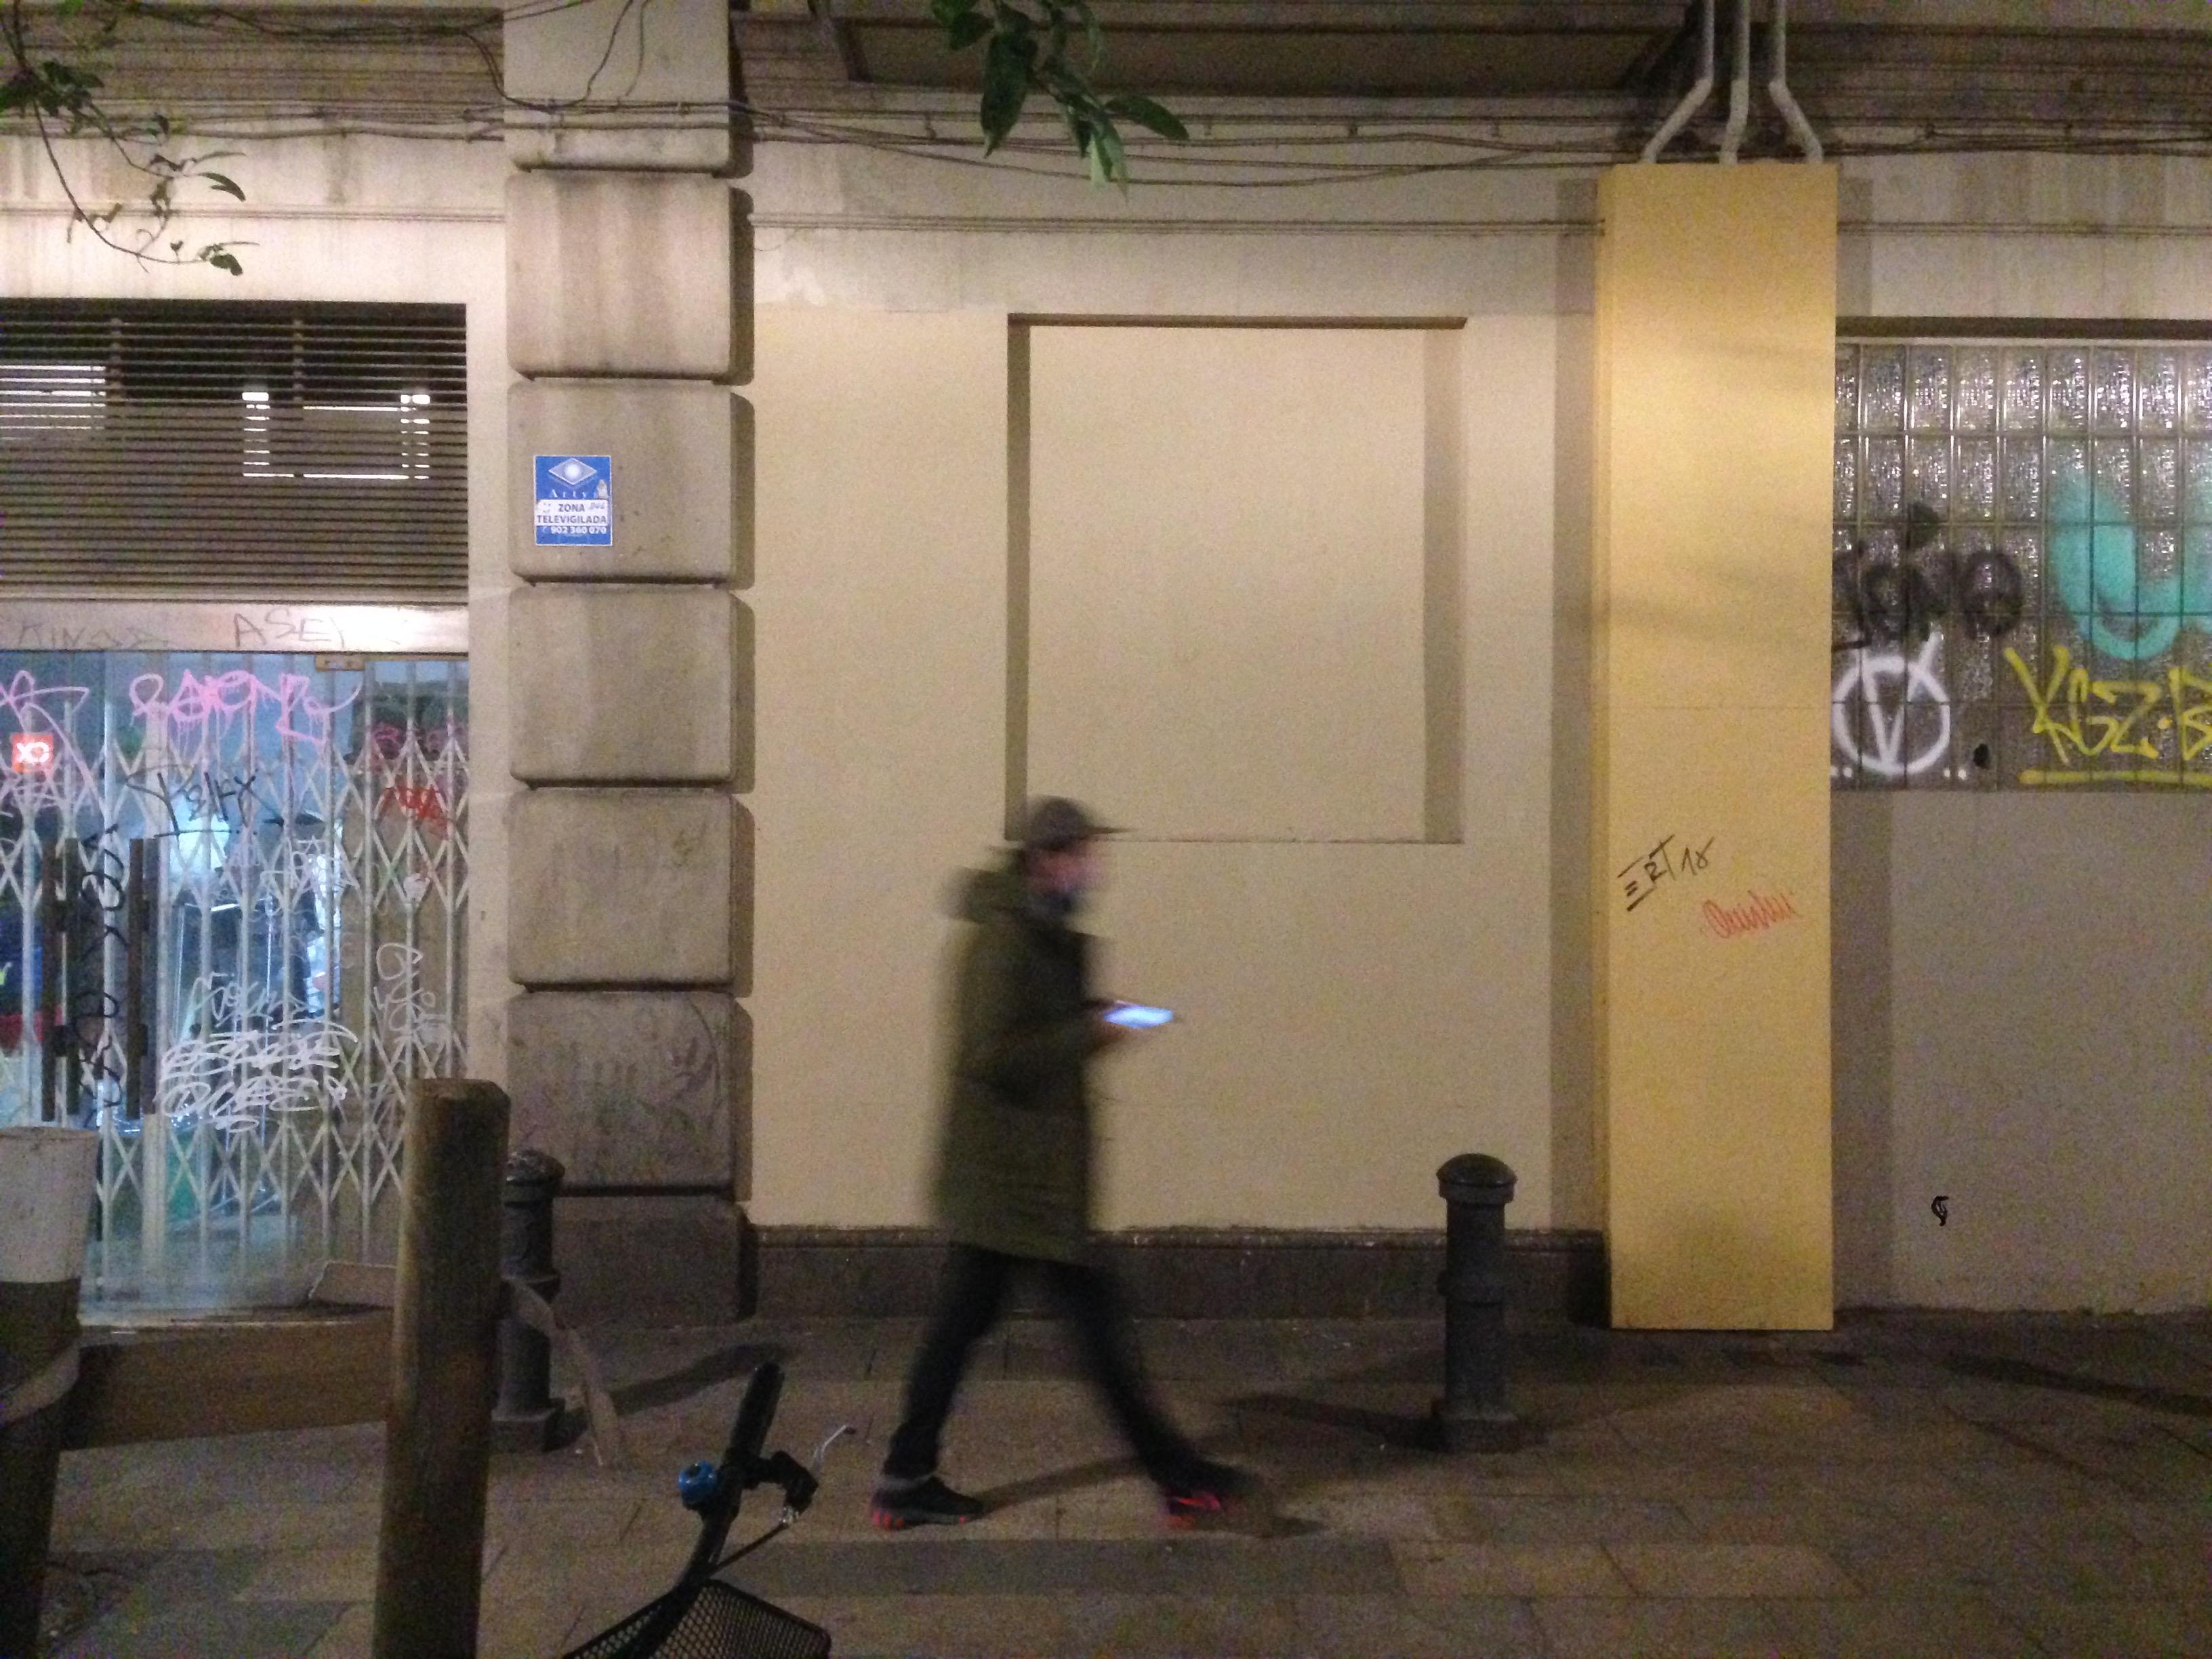 Un chico pasa, de noche, por la pared con el grafiti ya borrado.